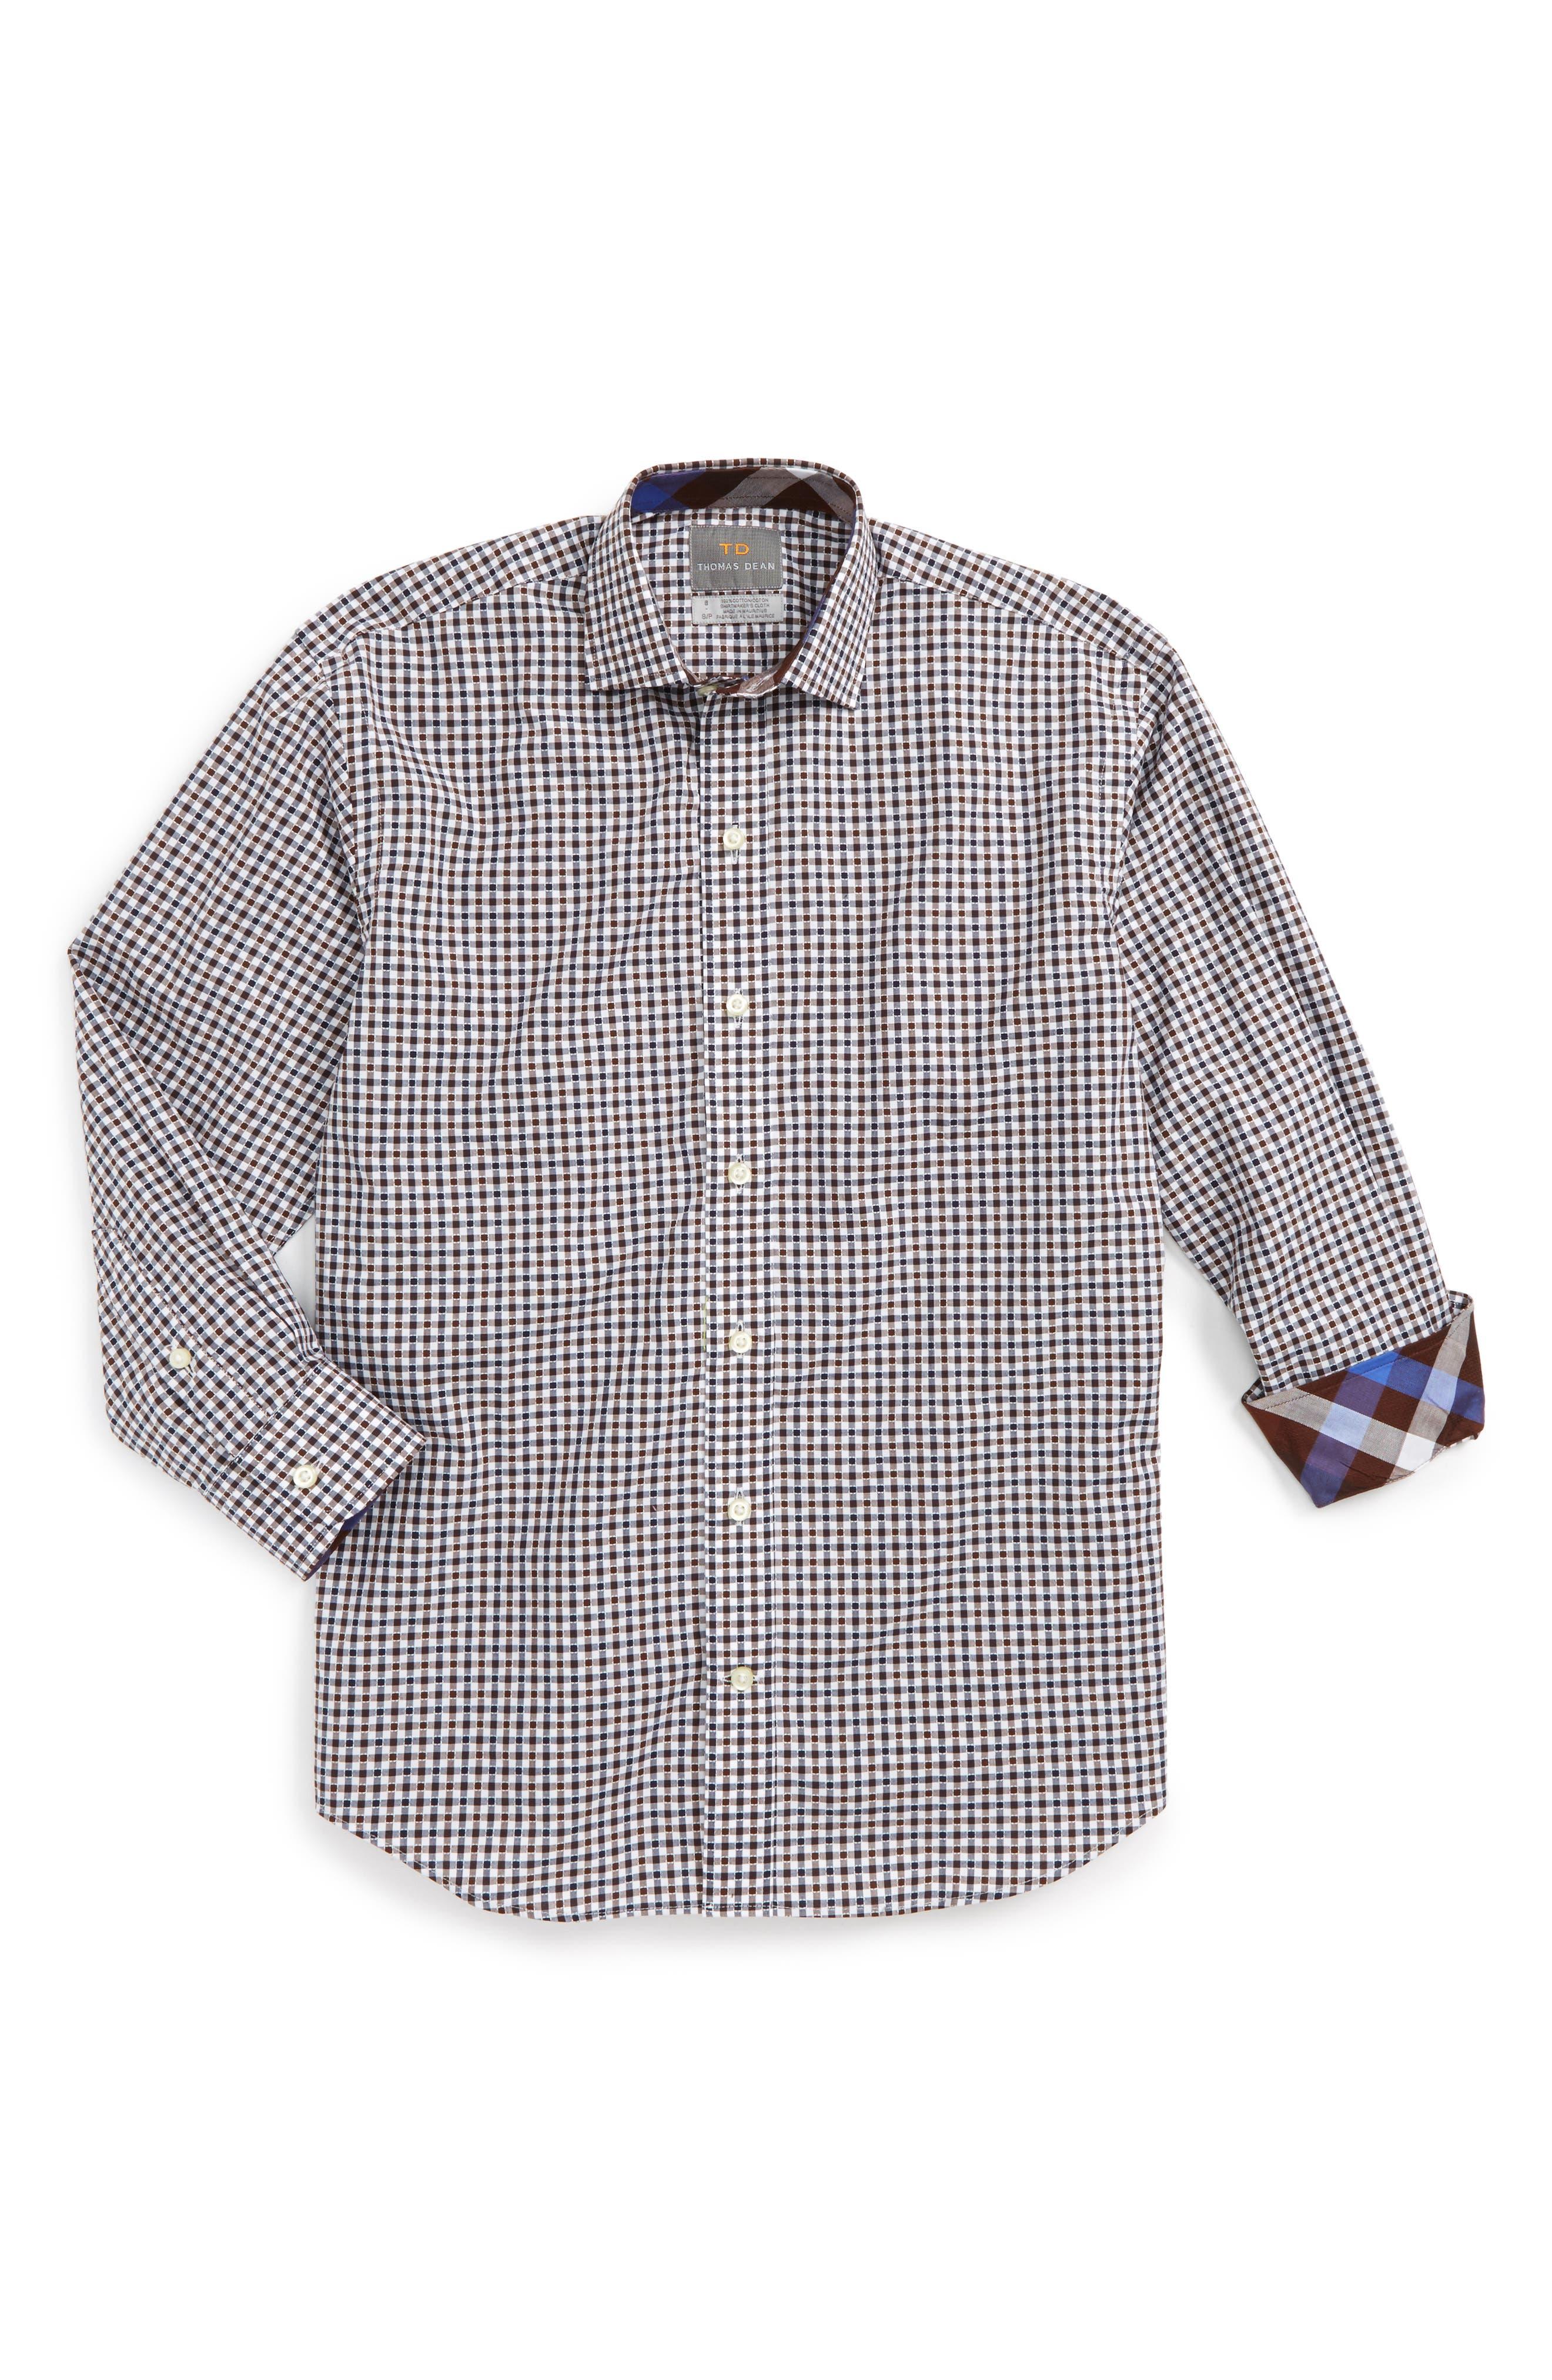 Check Dress Shirt,                         Main,                         color, 200